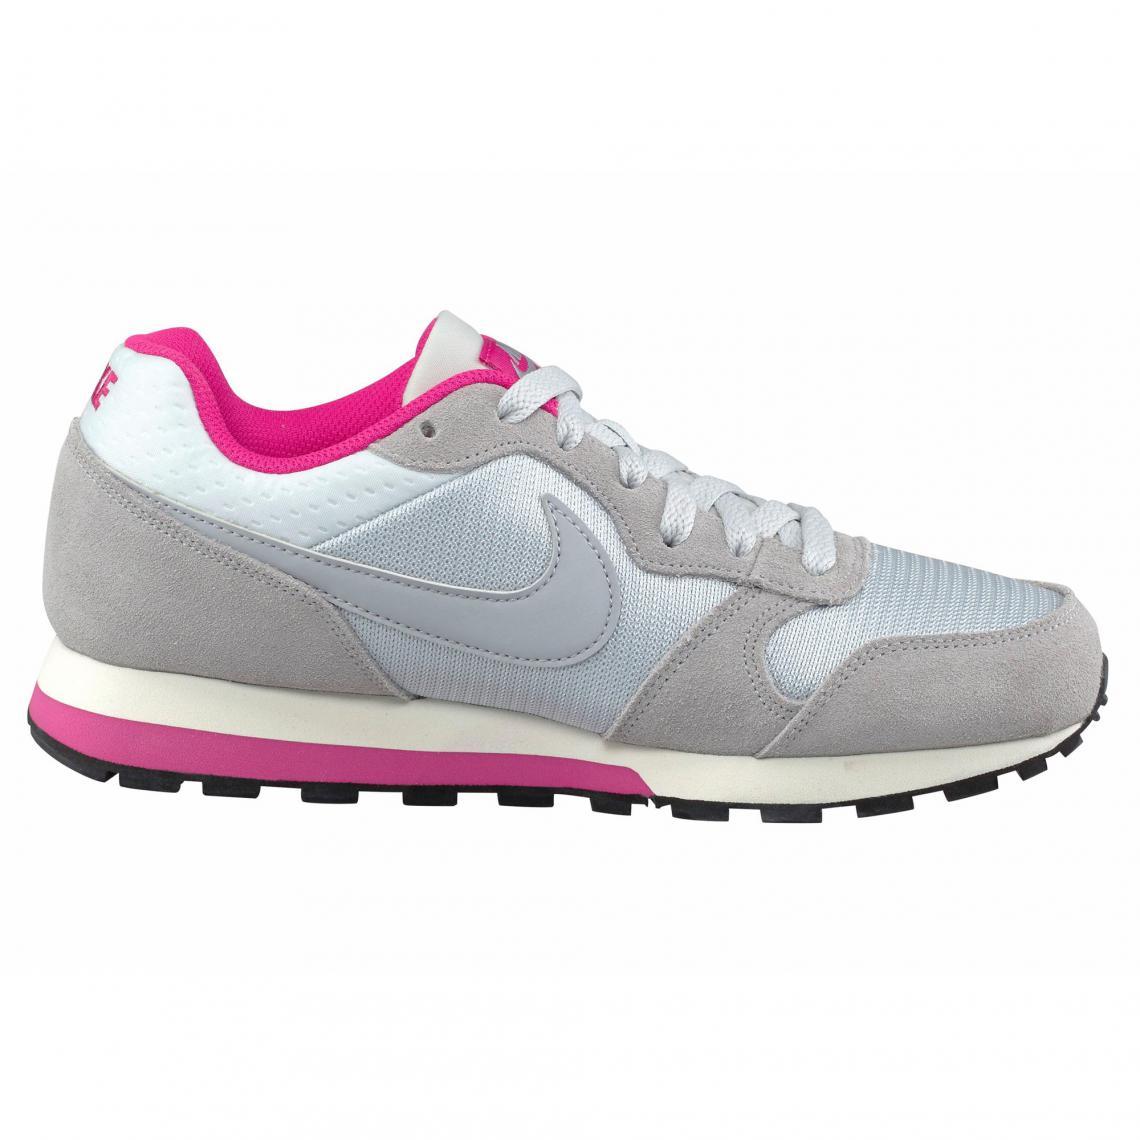 af5241c69ec12 Nike chaussures de running MD Runner 2 Wmns femme - Gris Clair ...